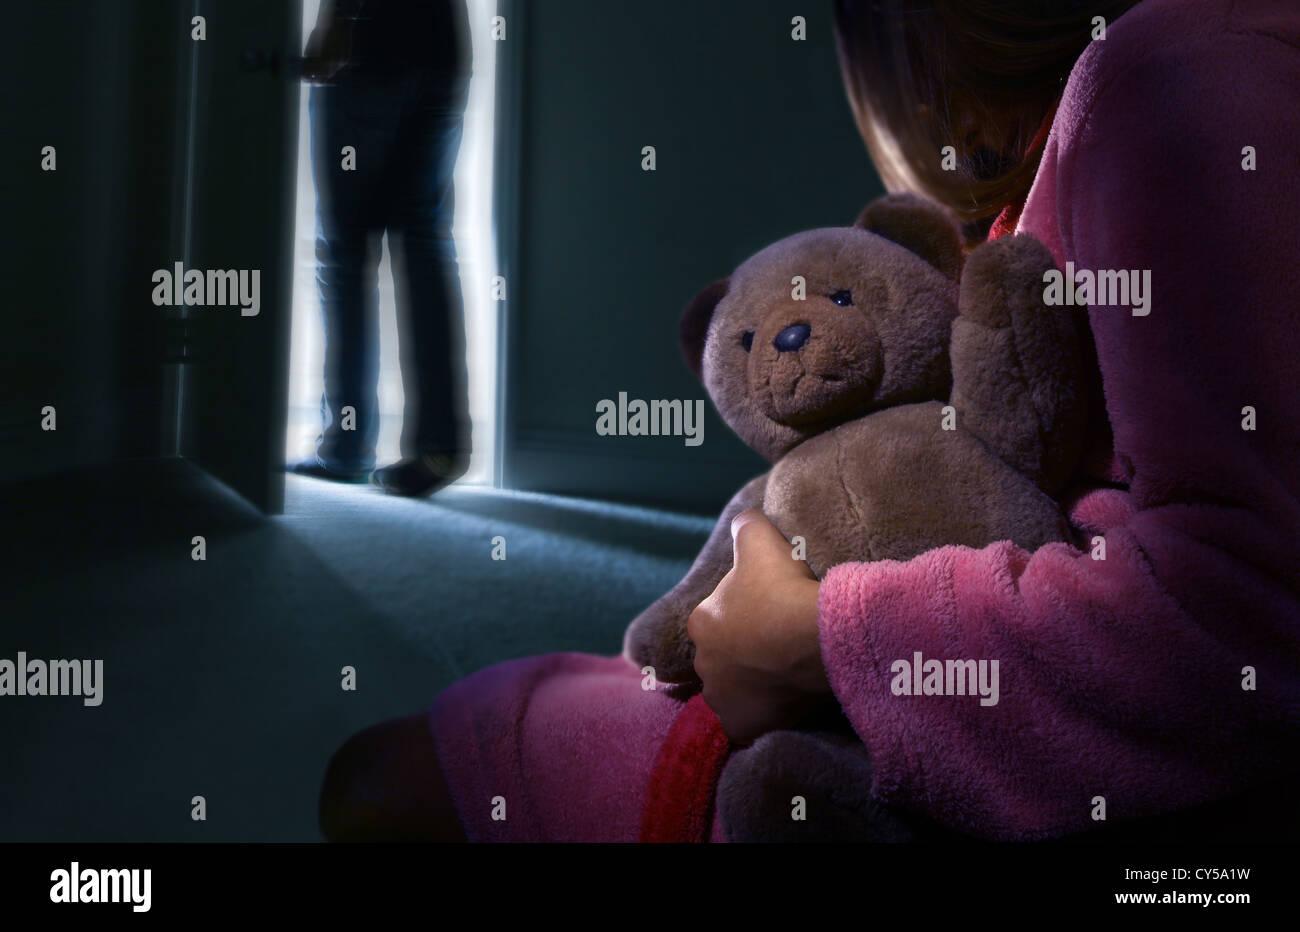 Vista posterior si un niño en una habitación oscura sosteniendo un oso de peluche, un hombre acaba de Imagen De Stock